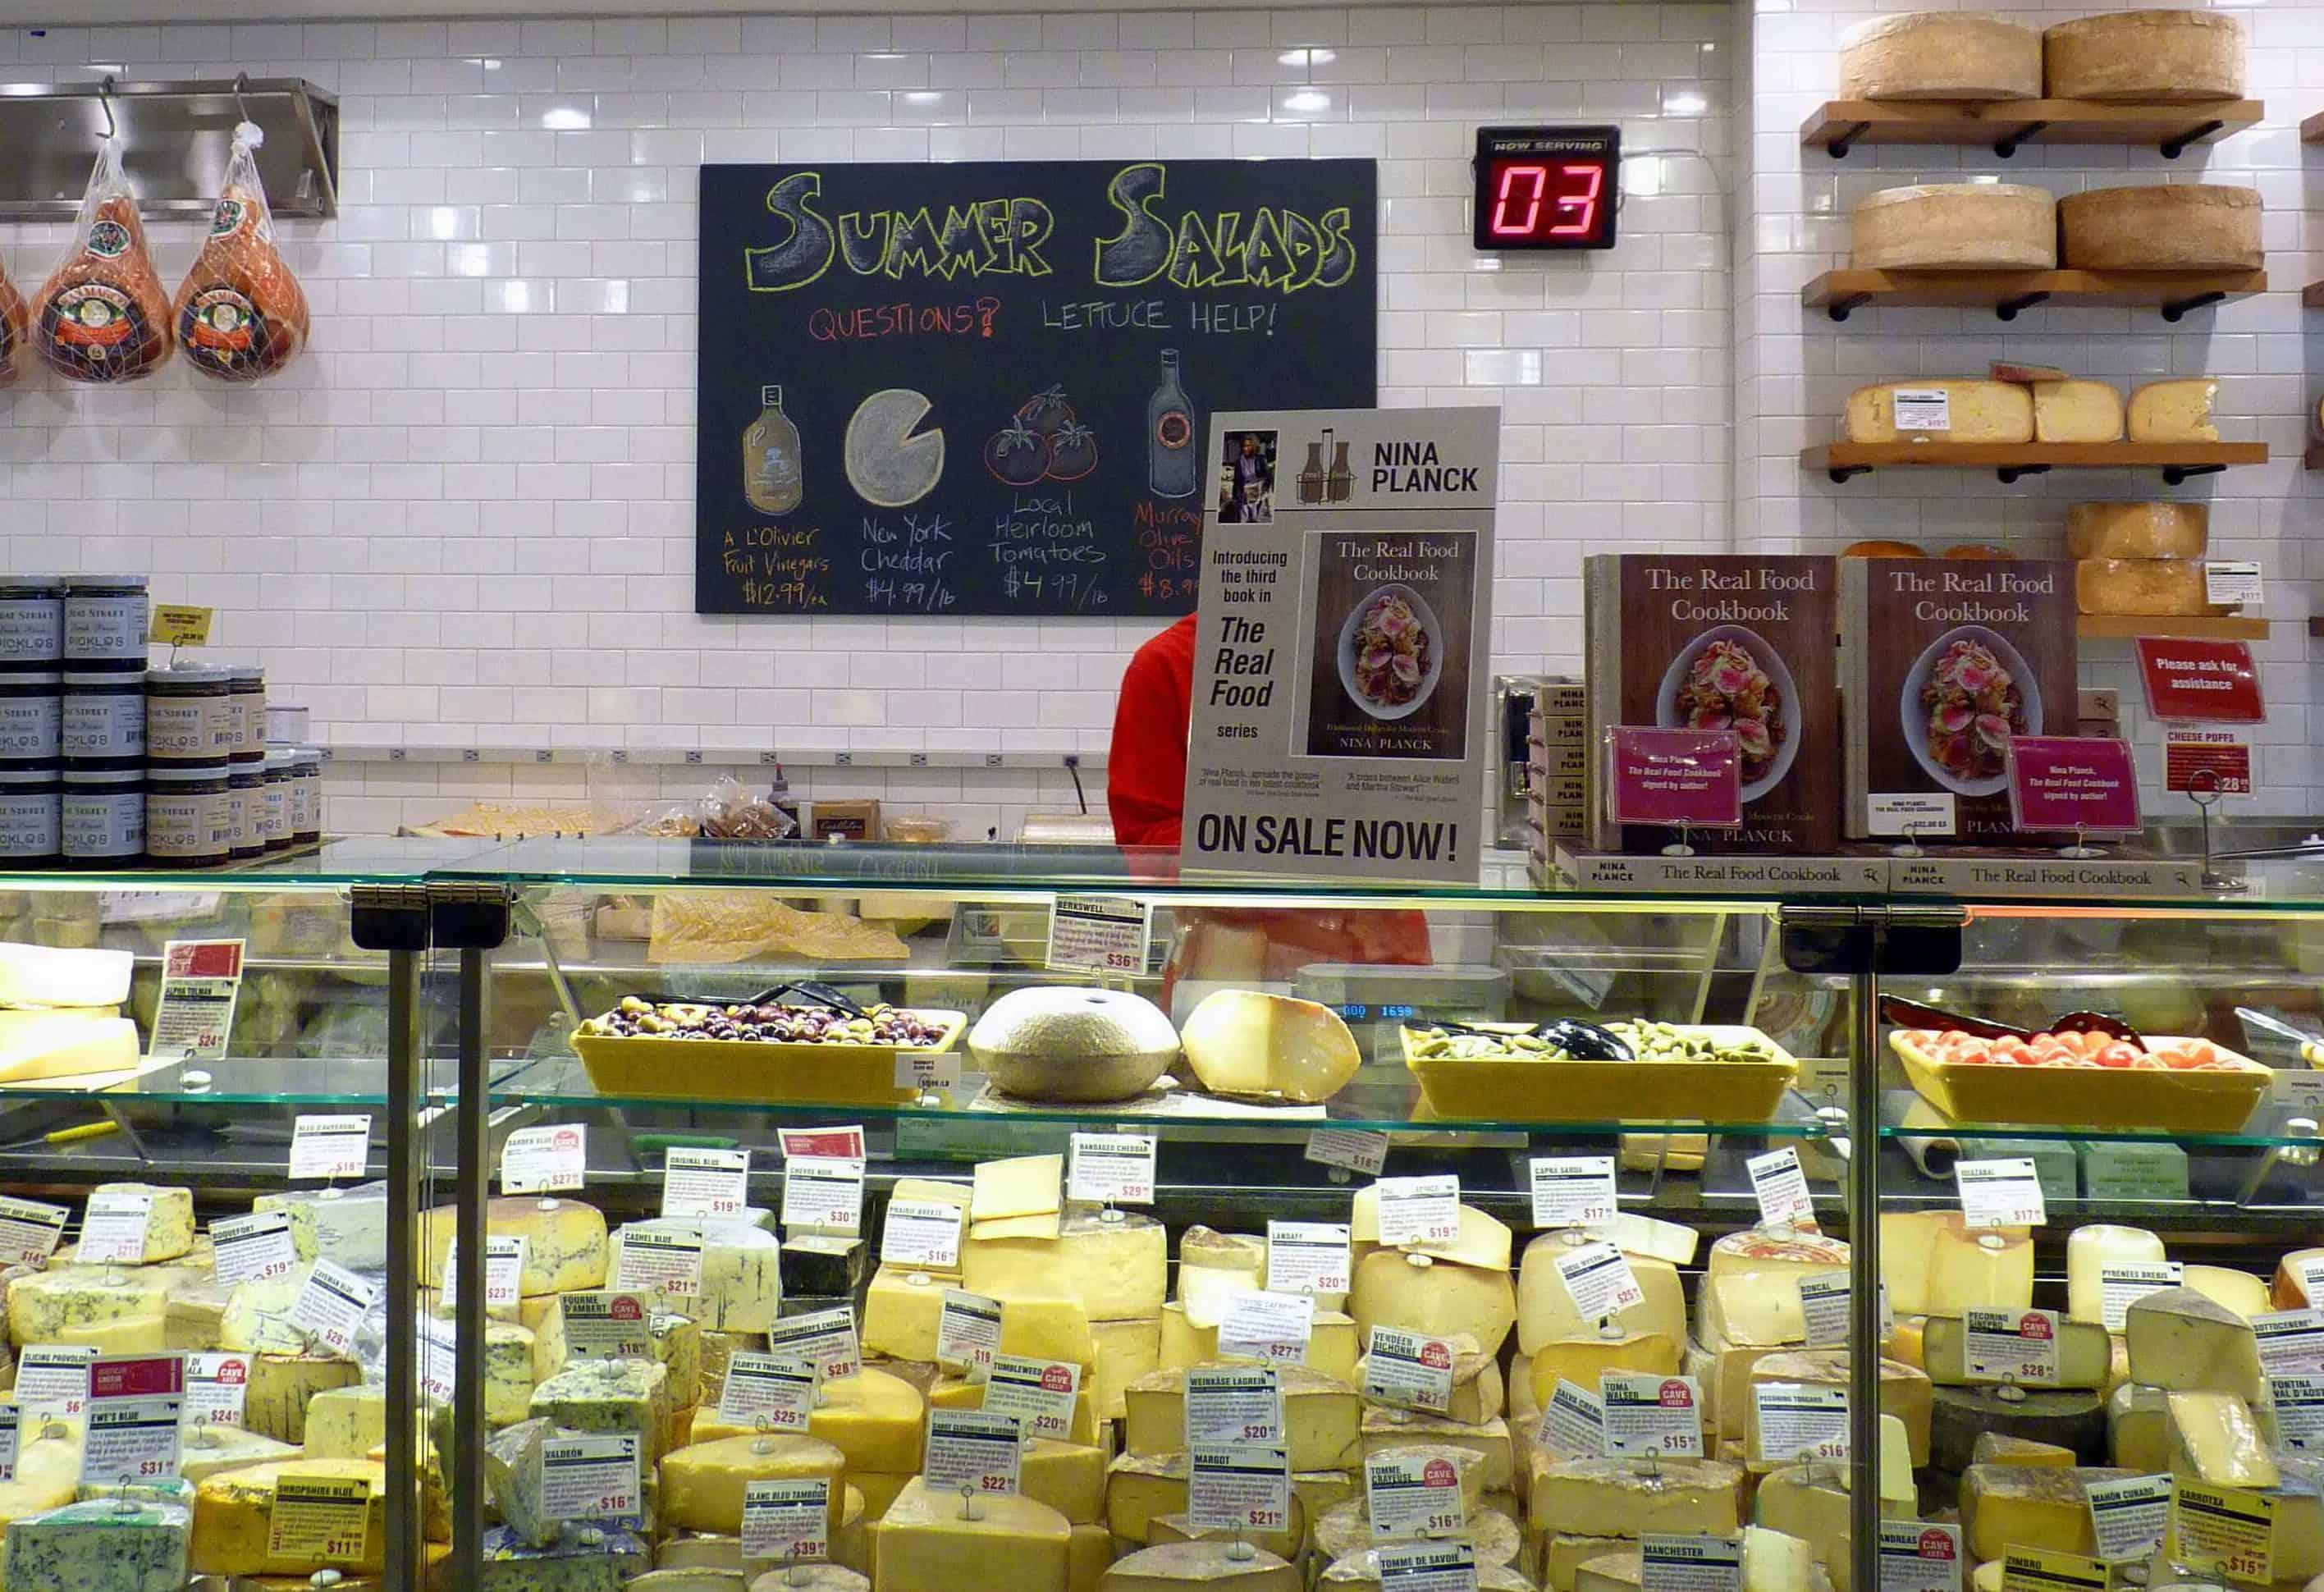 Murray's Cheese, New York